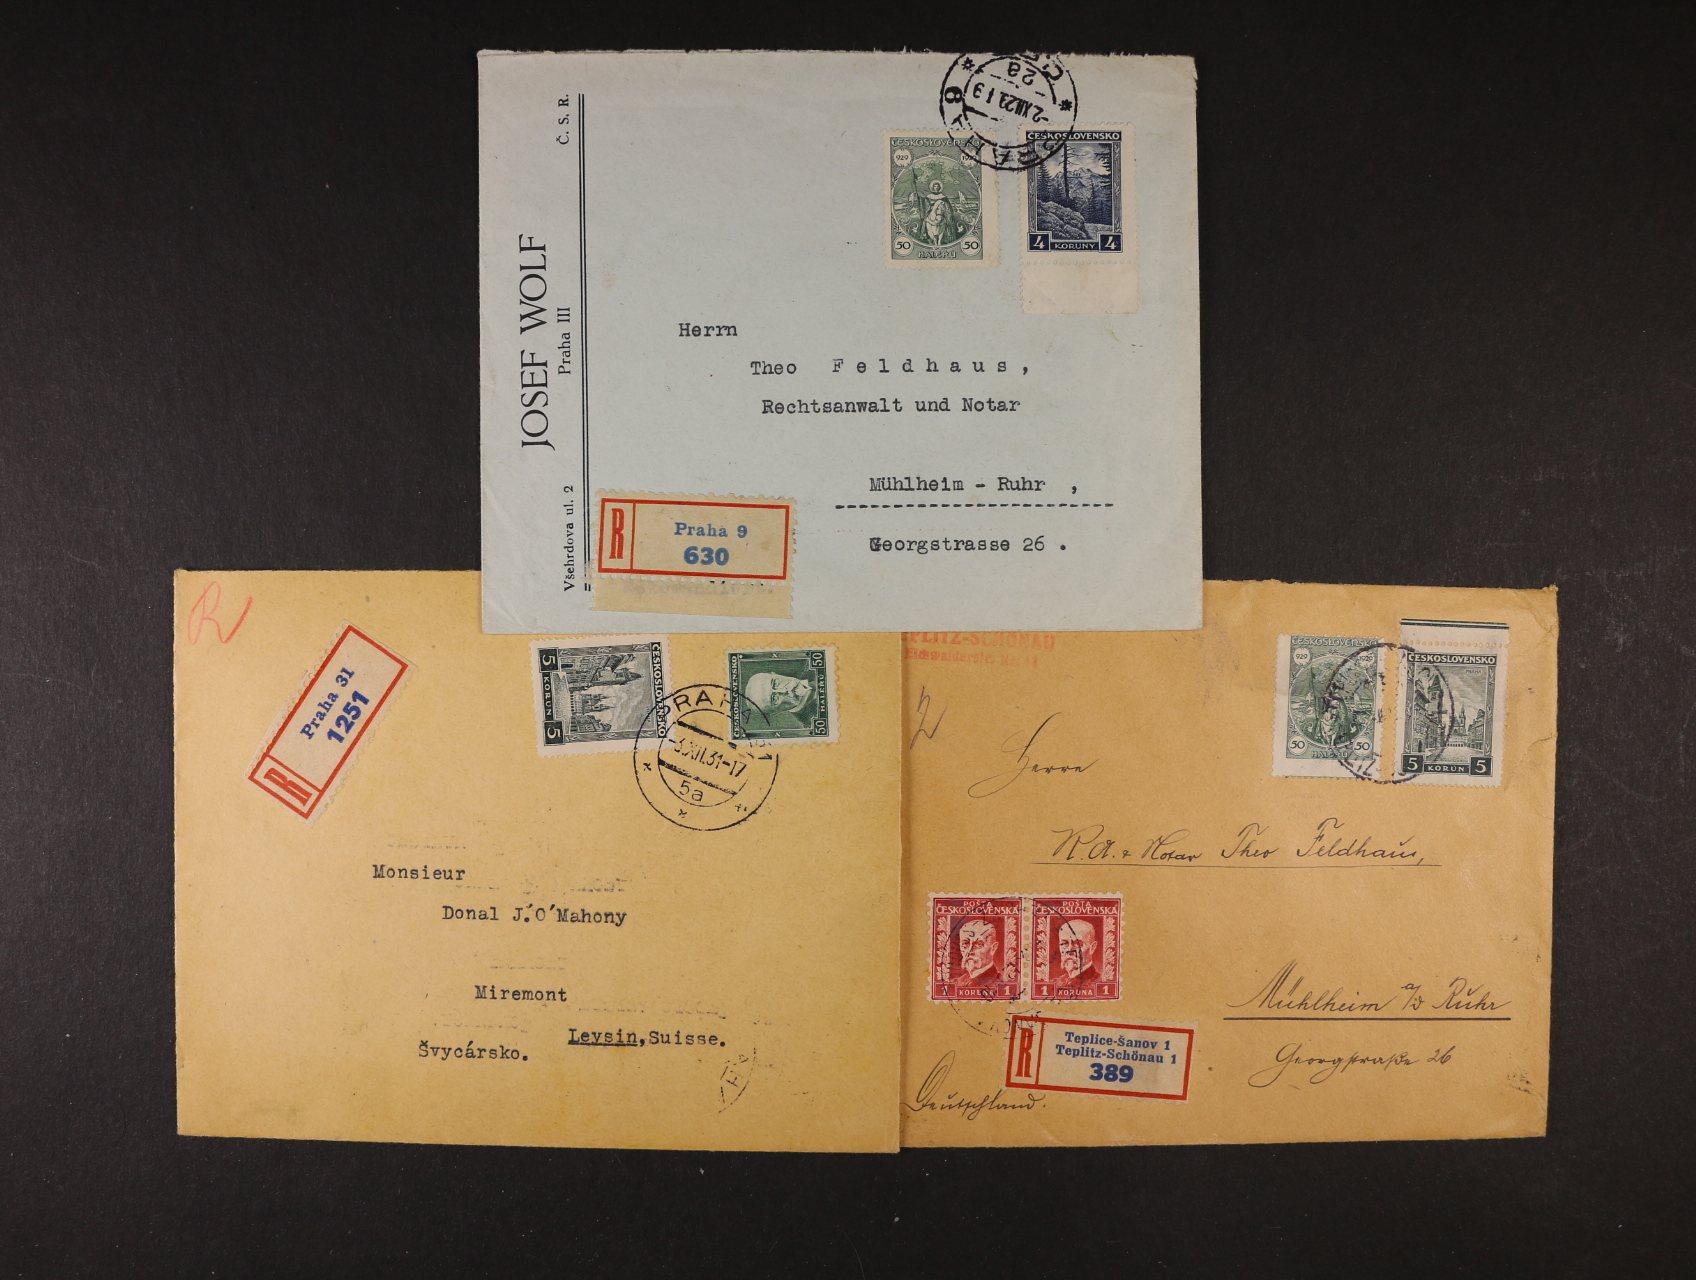 sestava 3 ks firemních dopisů do Německa a Švýcarska frank. mj. zn. č. 255, 256, přích raz. zajímavé vysoké frankatury